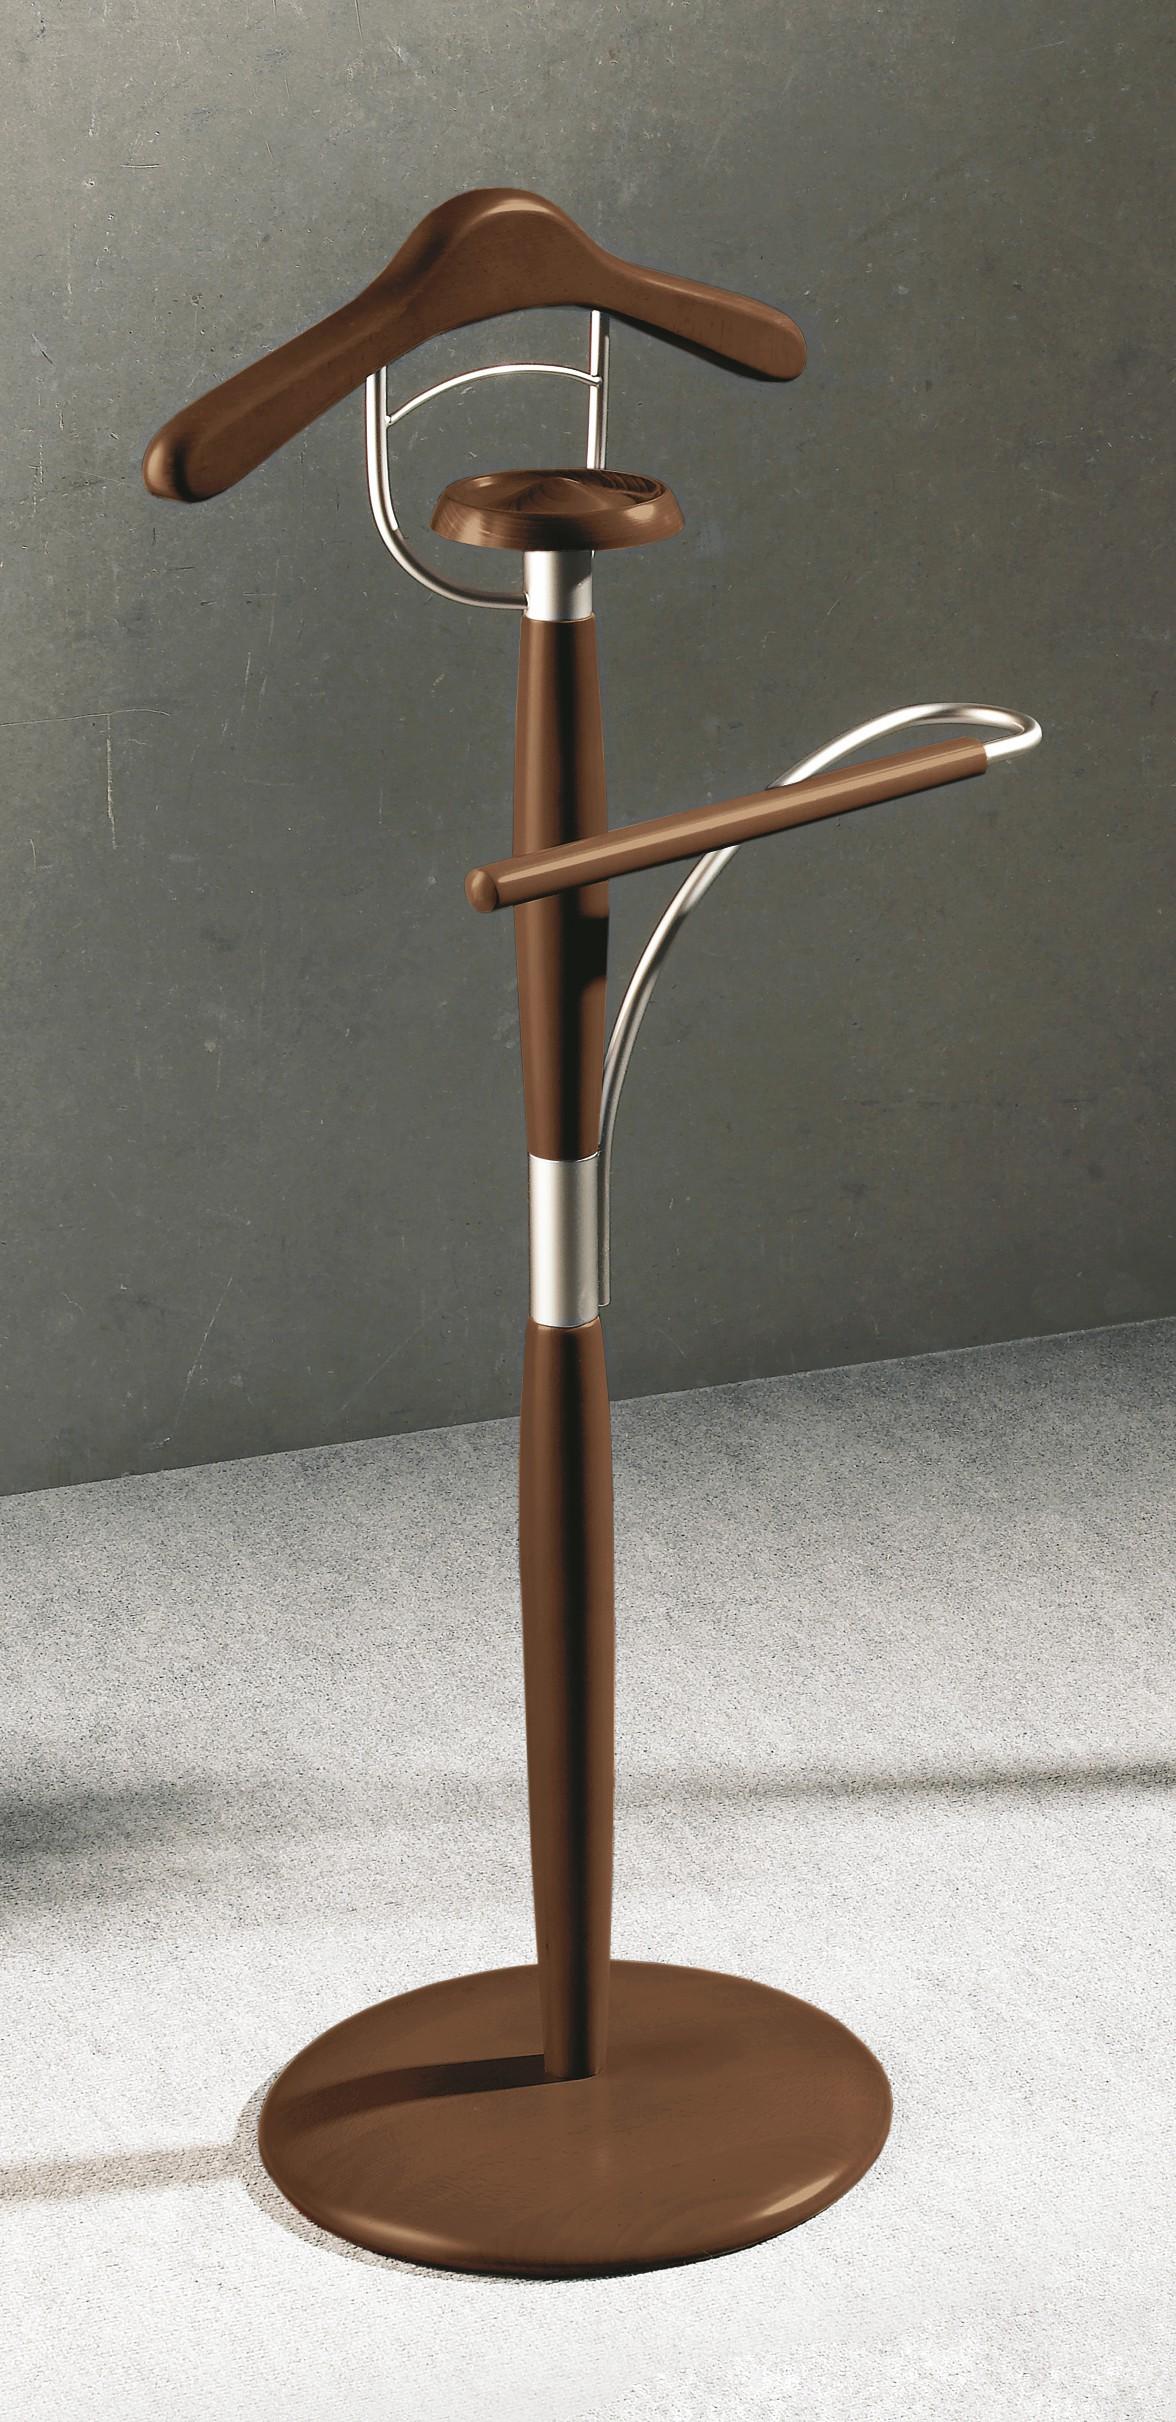 Galan de noche modelo 317 muebles la ilusi n - Galanes de noche modernos ...